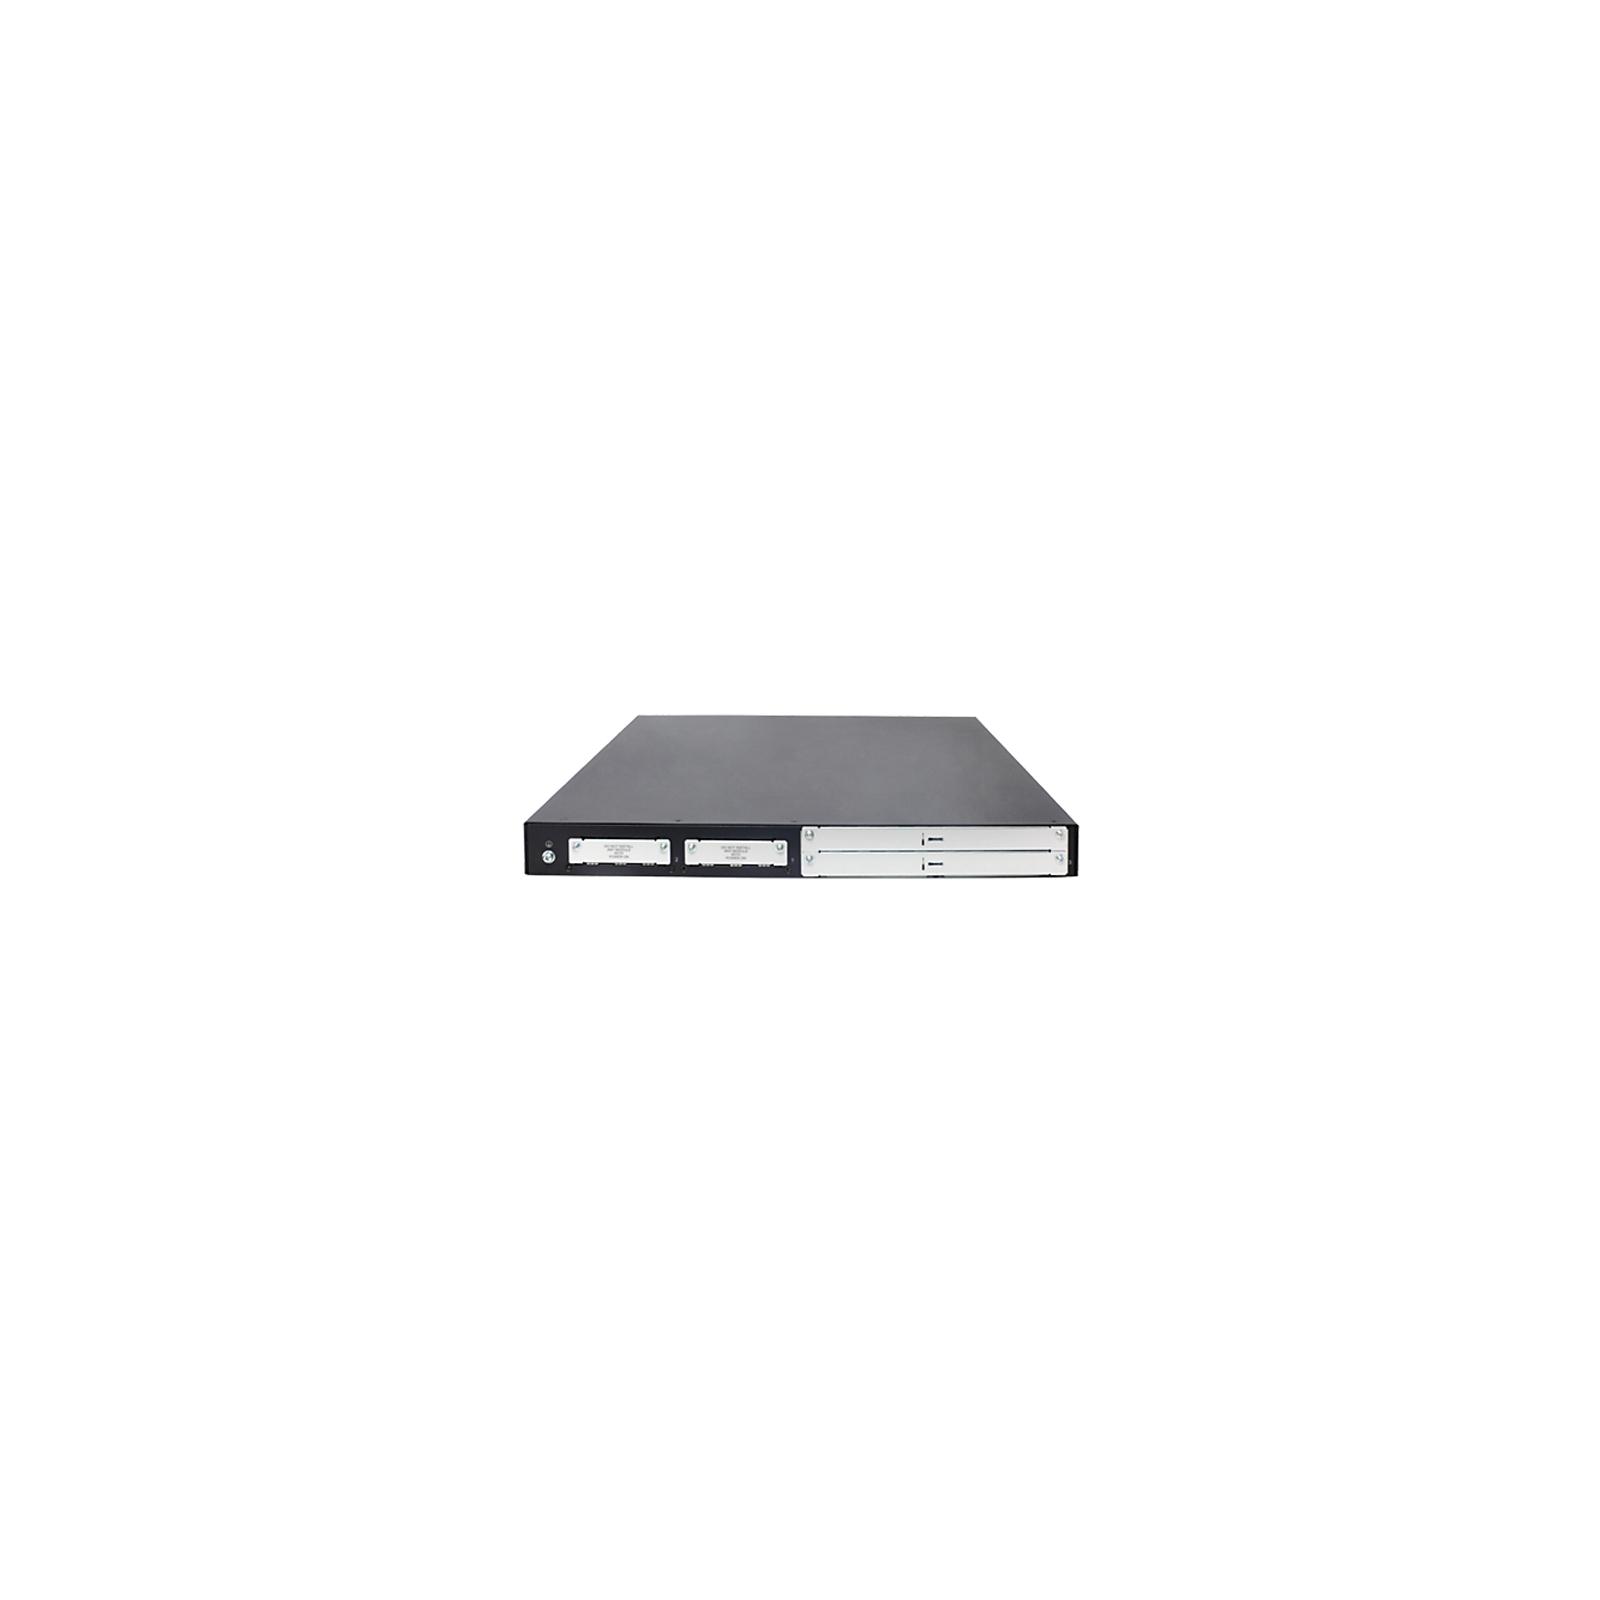 Маршрутизатор HP MSR3012 (JG409A) изображение 4